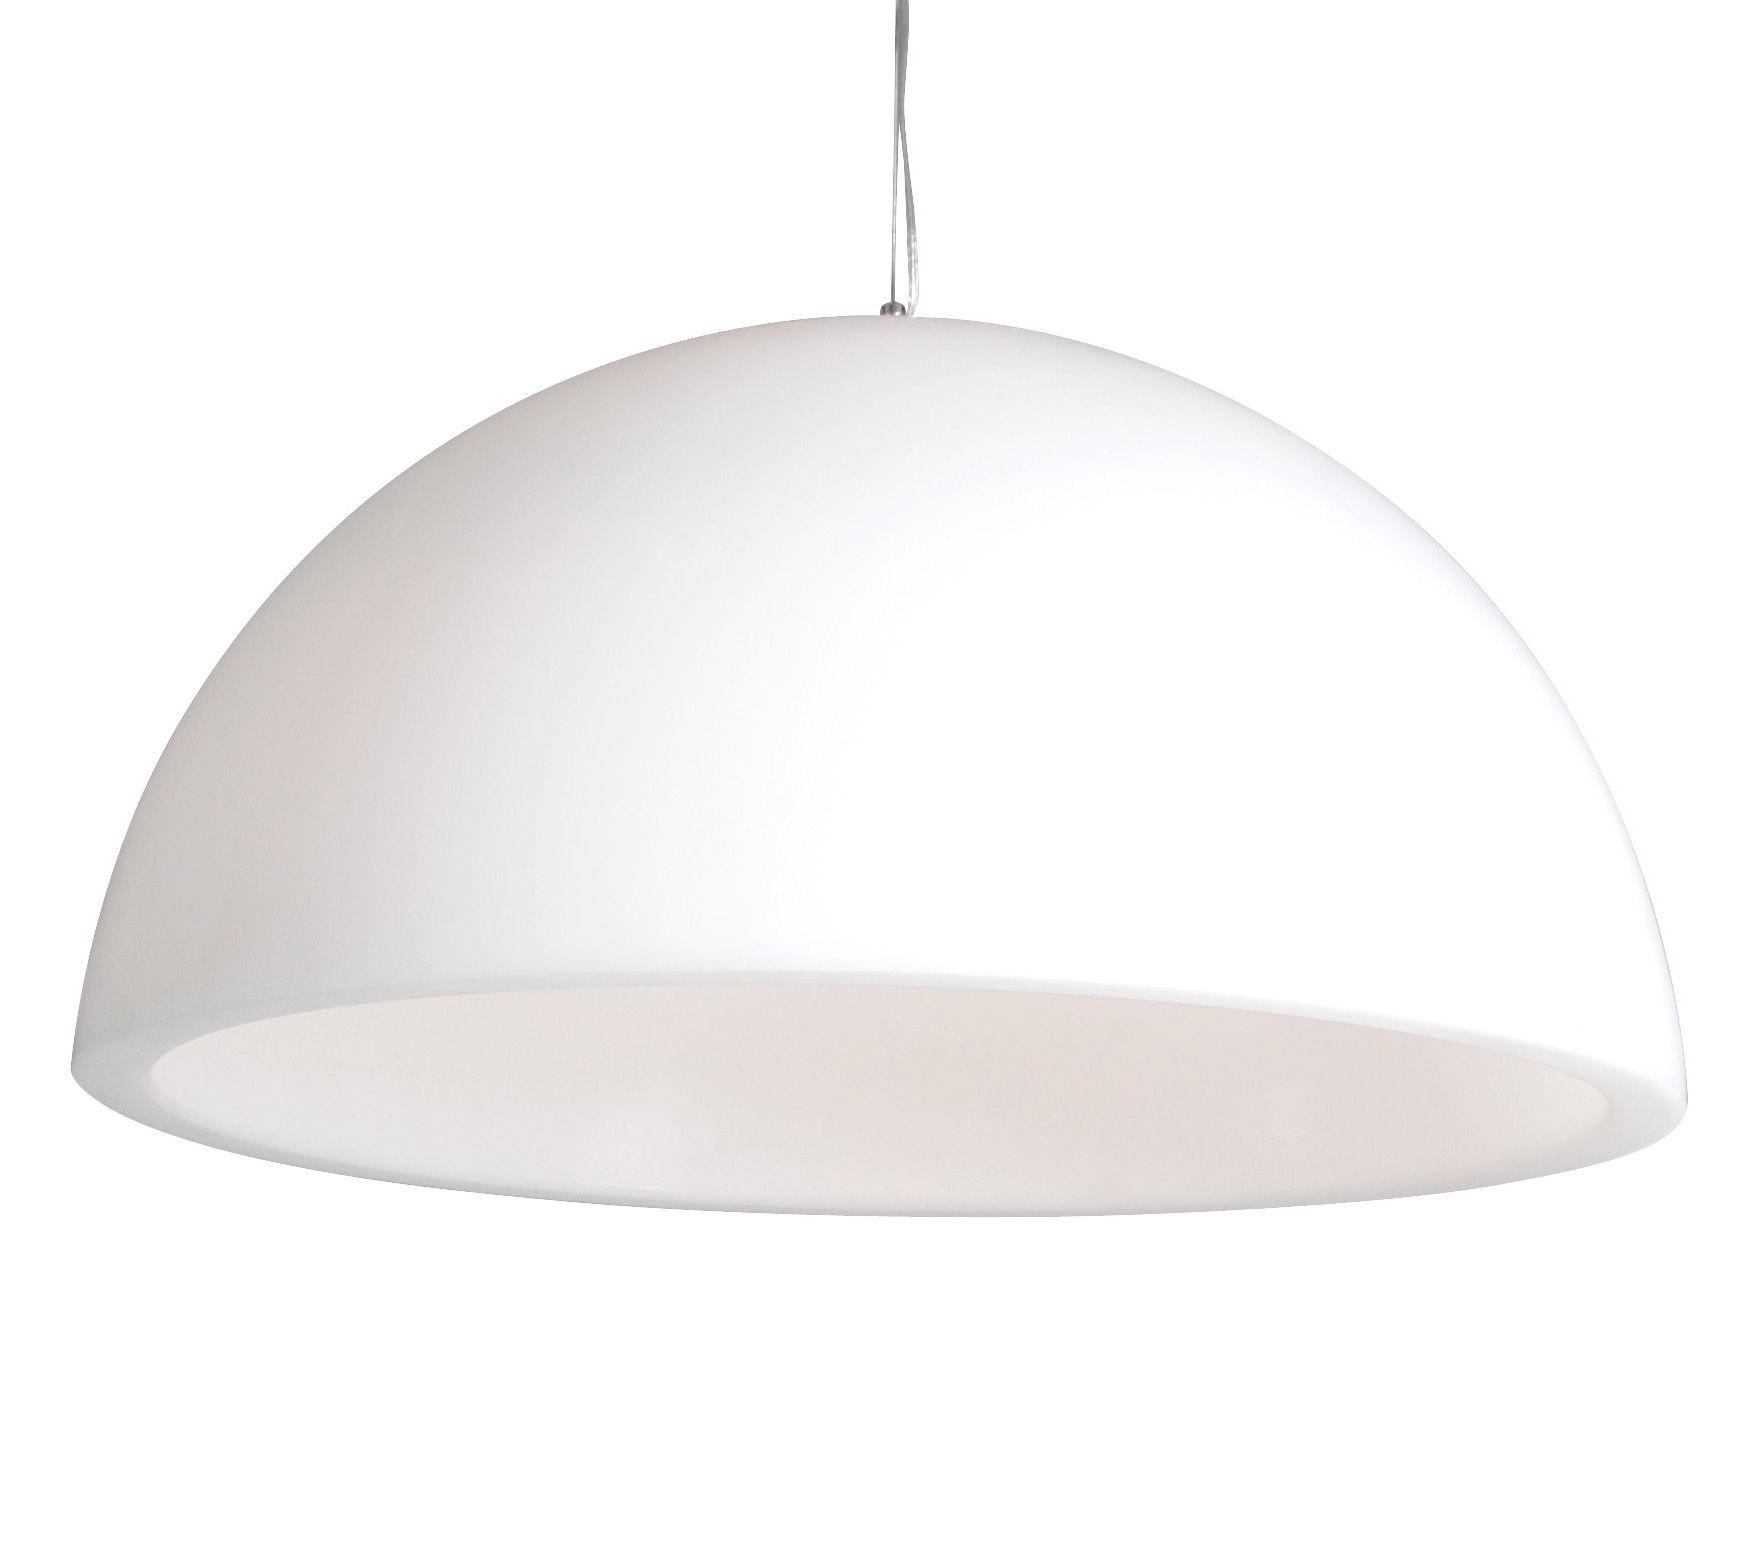 Luminaire - Suspensions - Suspension Cupole Ø 120 cm / Version mate - Slide - Blanc - polyéthène recyclable